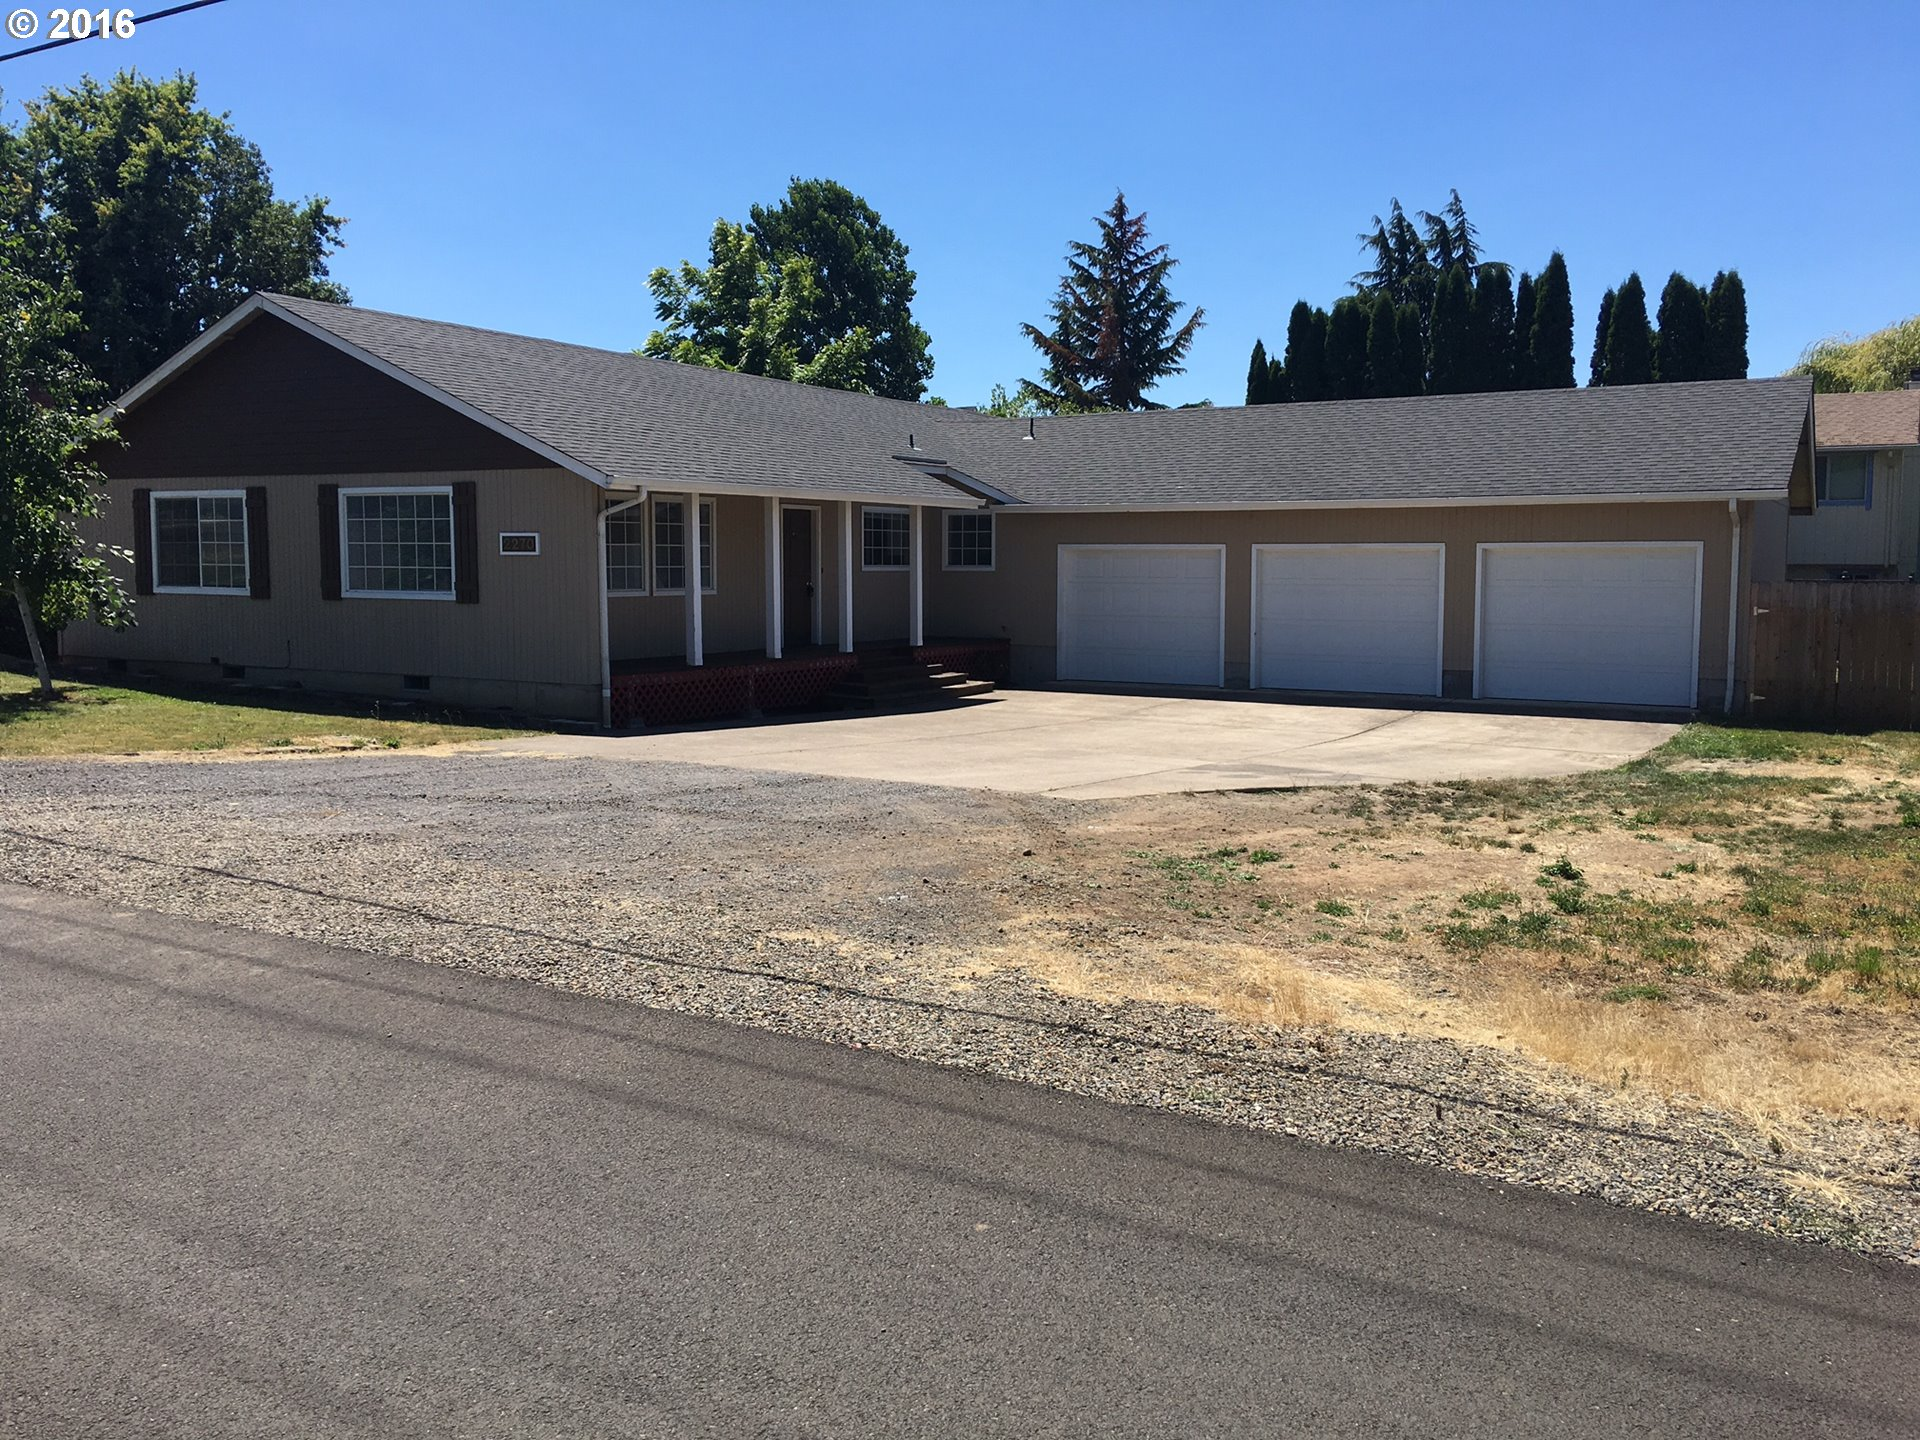 2270 FOUR OAKS GRANGE RD, Eugene OR 97405